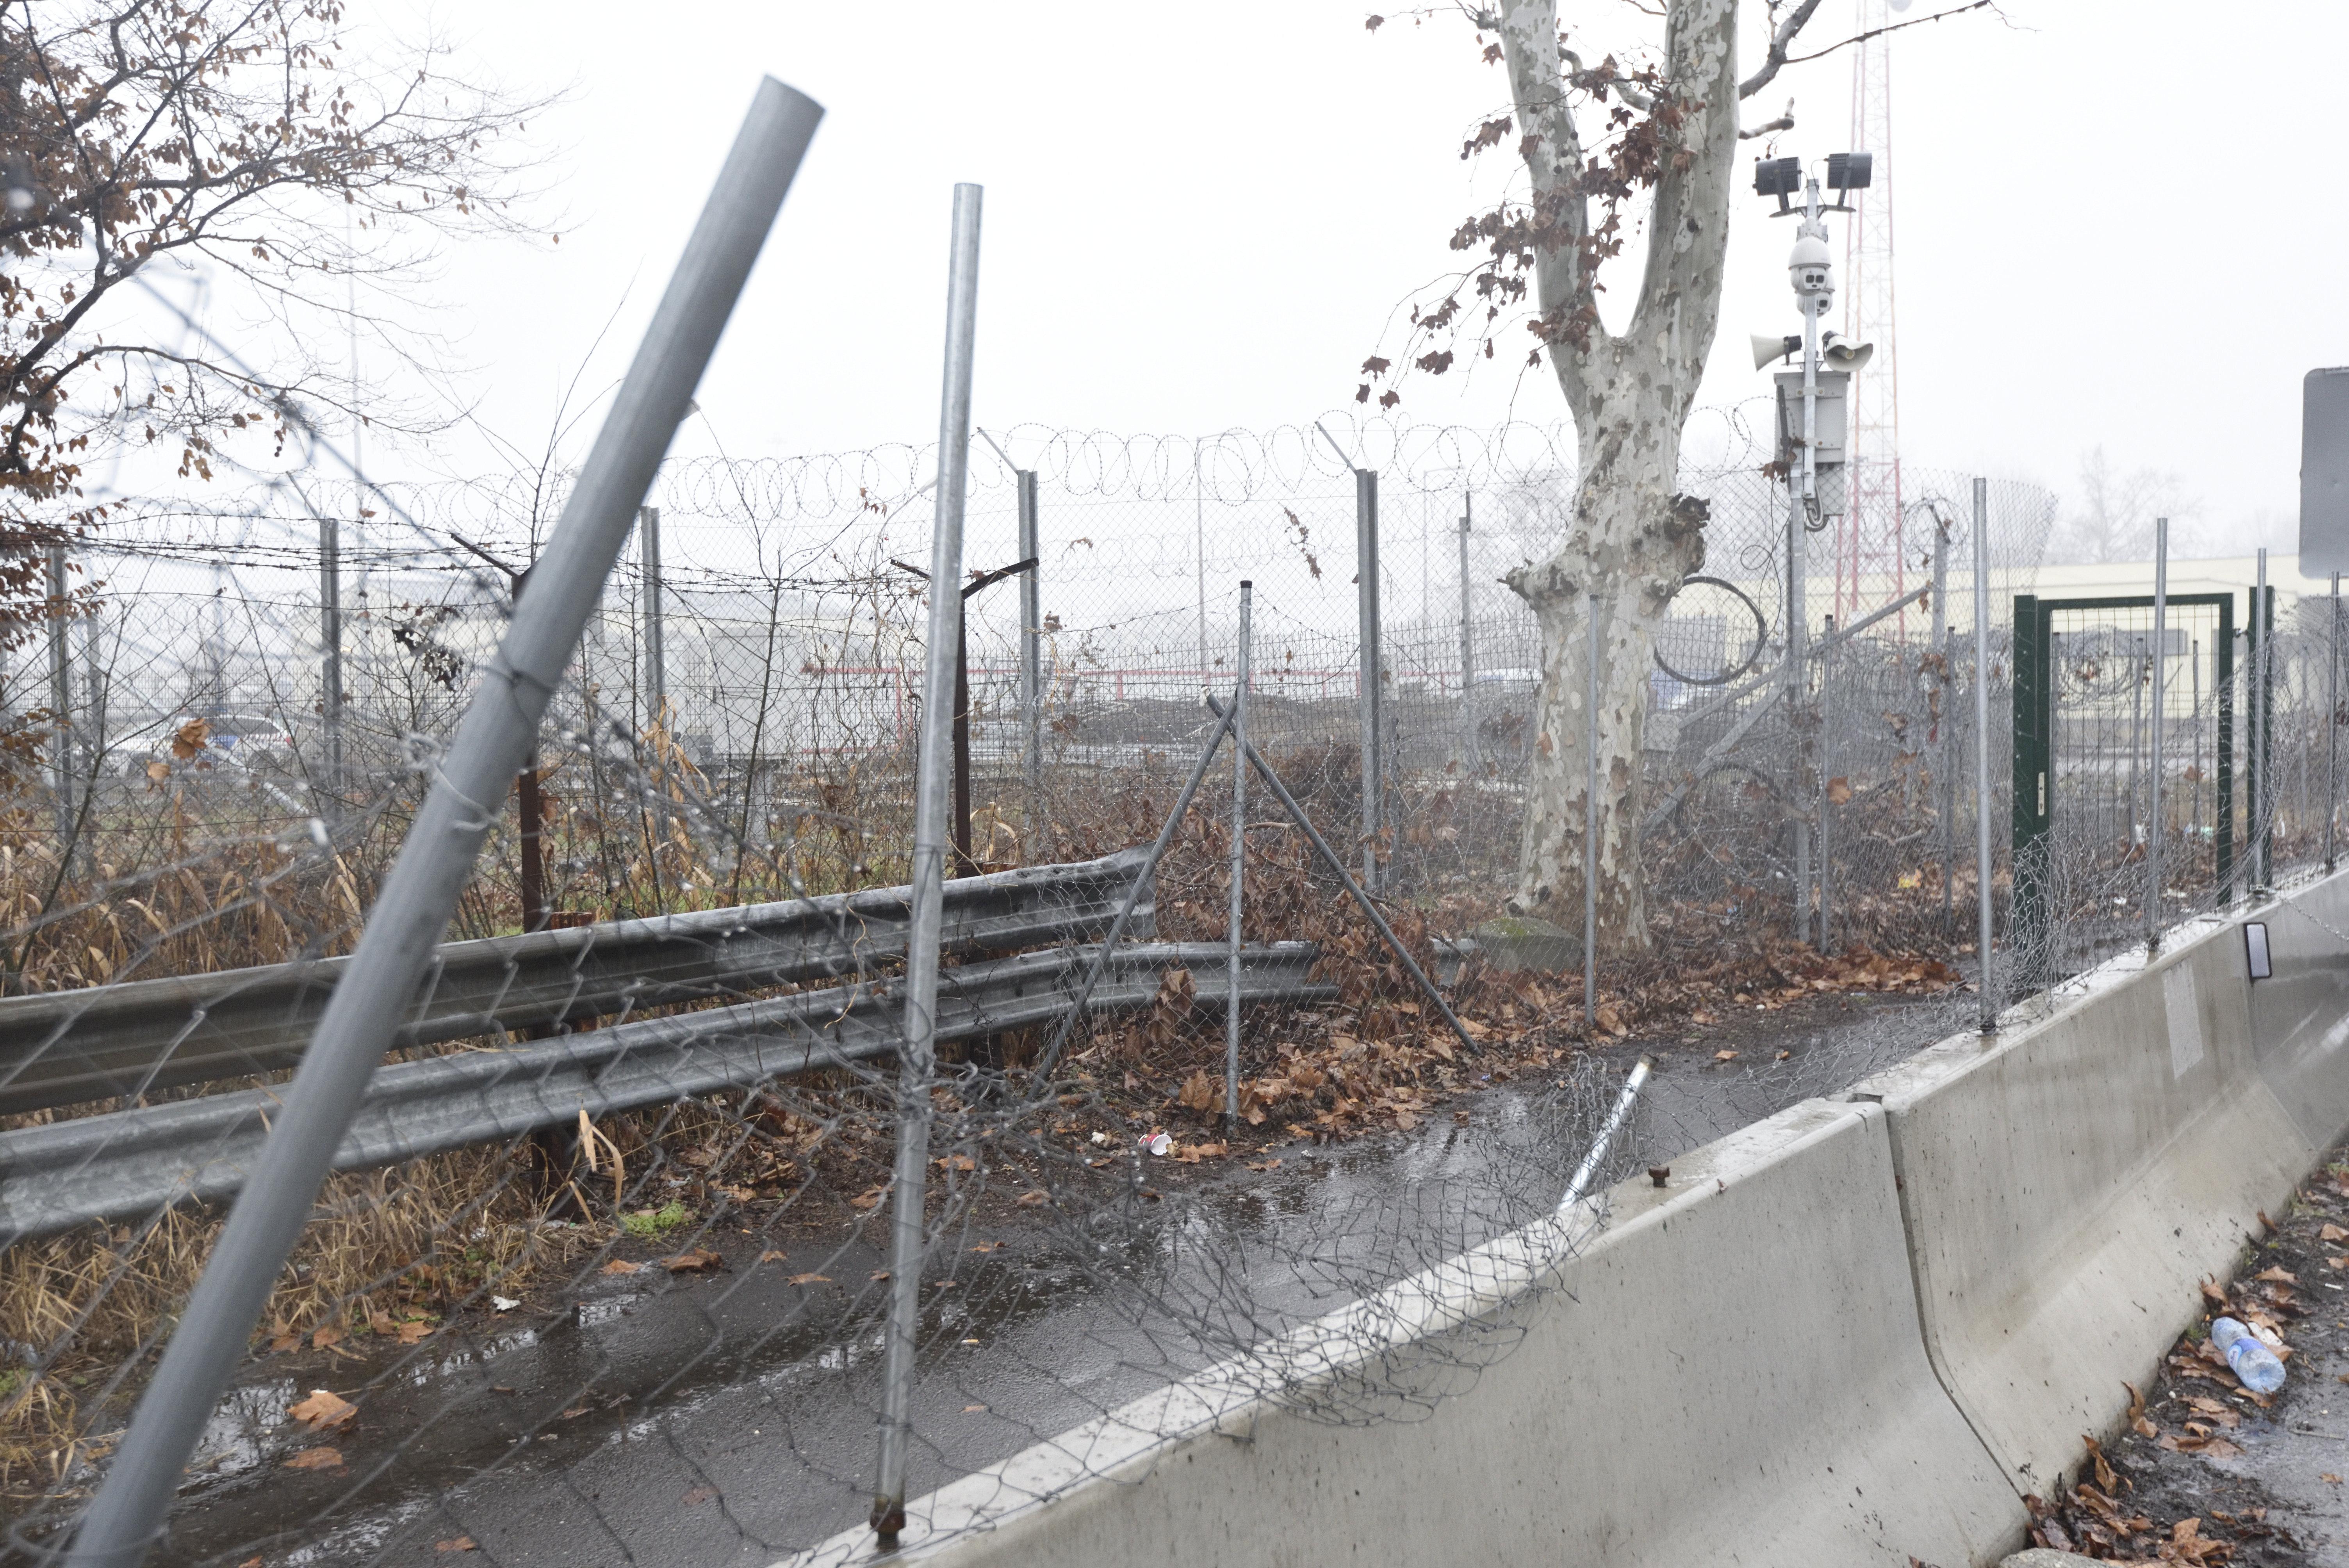 Gyorsított eljárásban már csütörtökön bíróság elé állítanak öt embert, amiért átmásztak a röszkei kerítésen